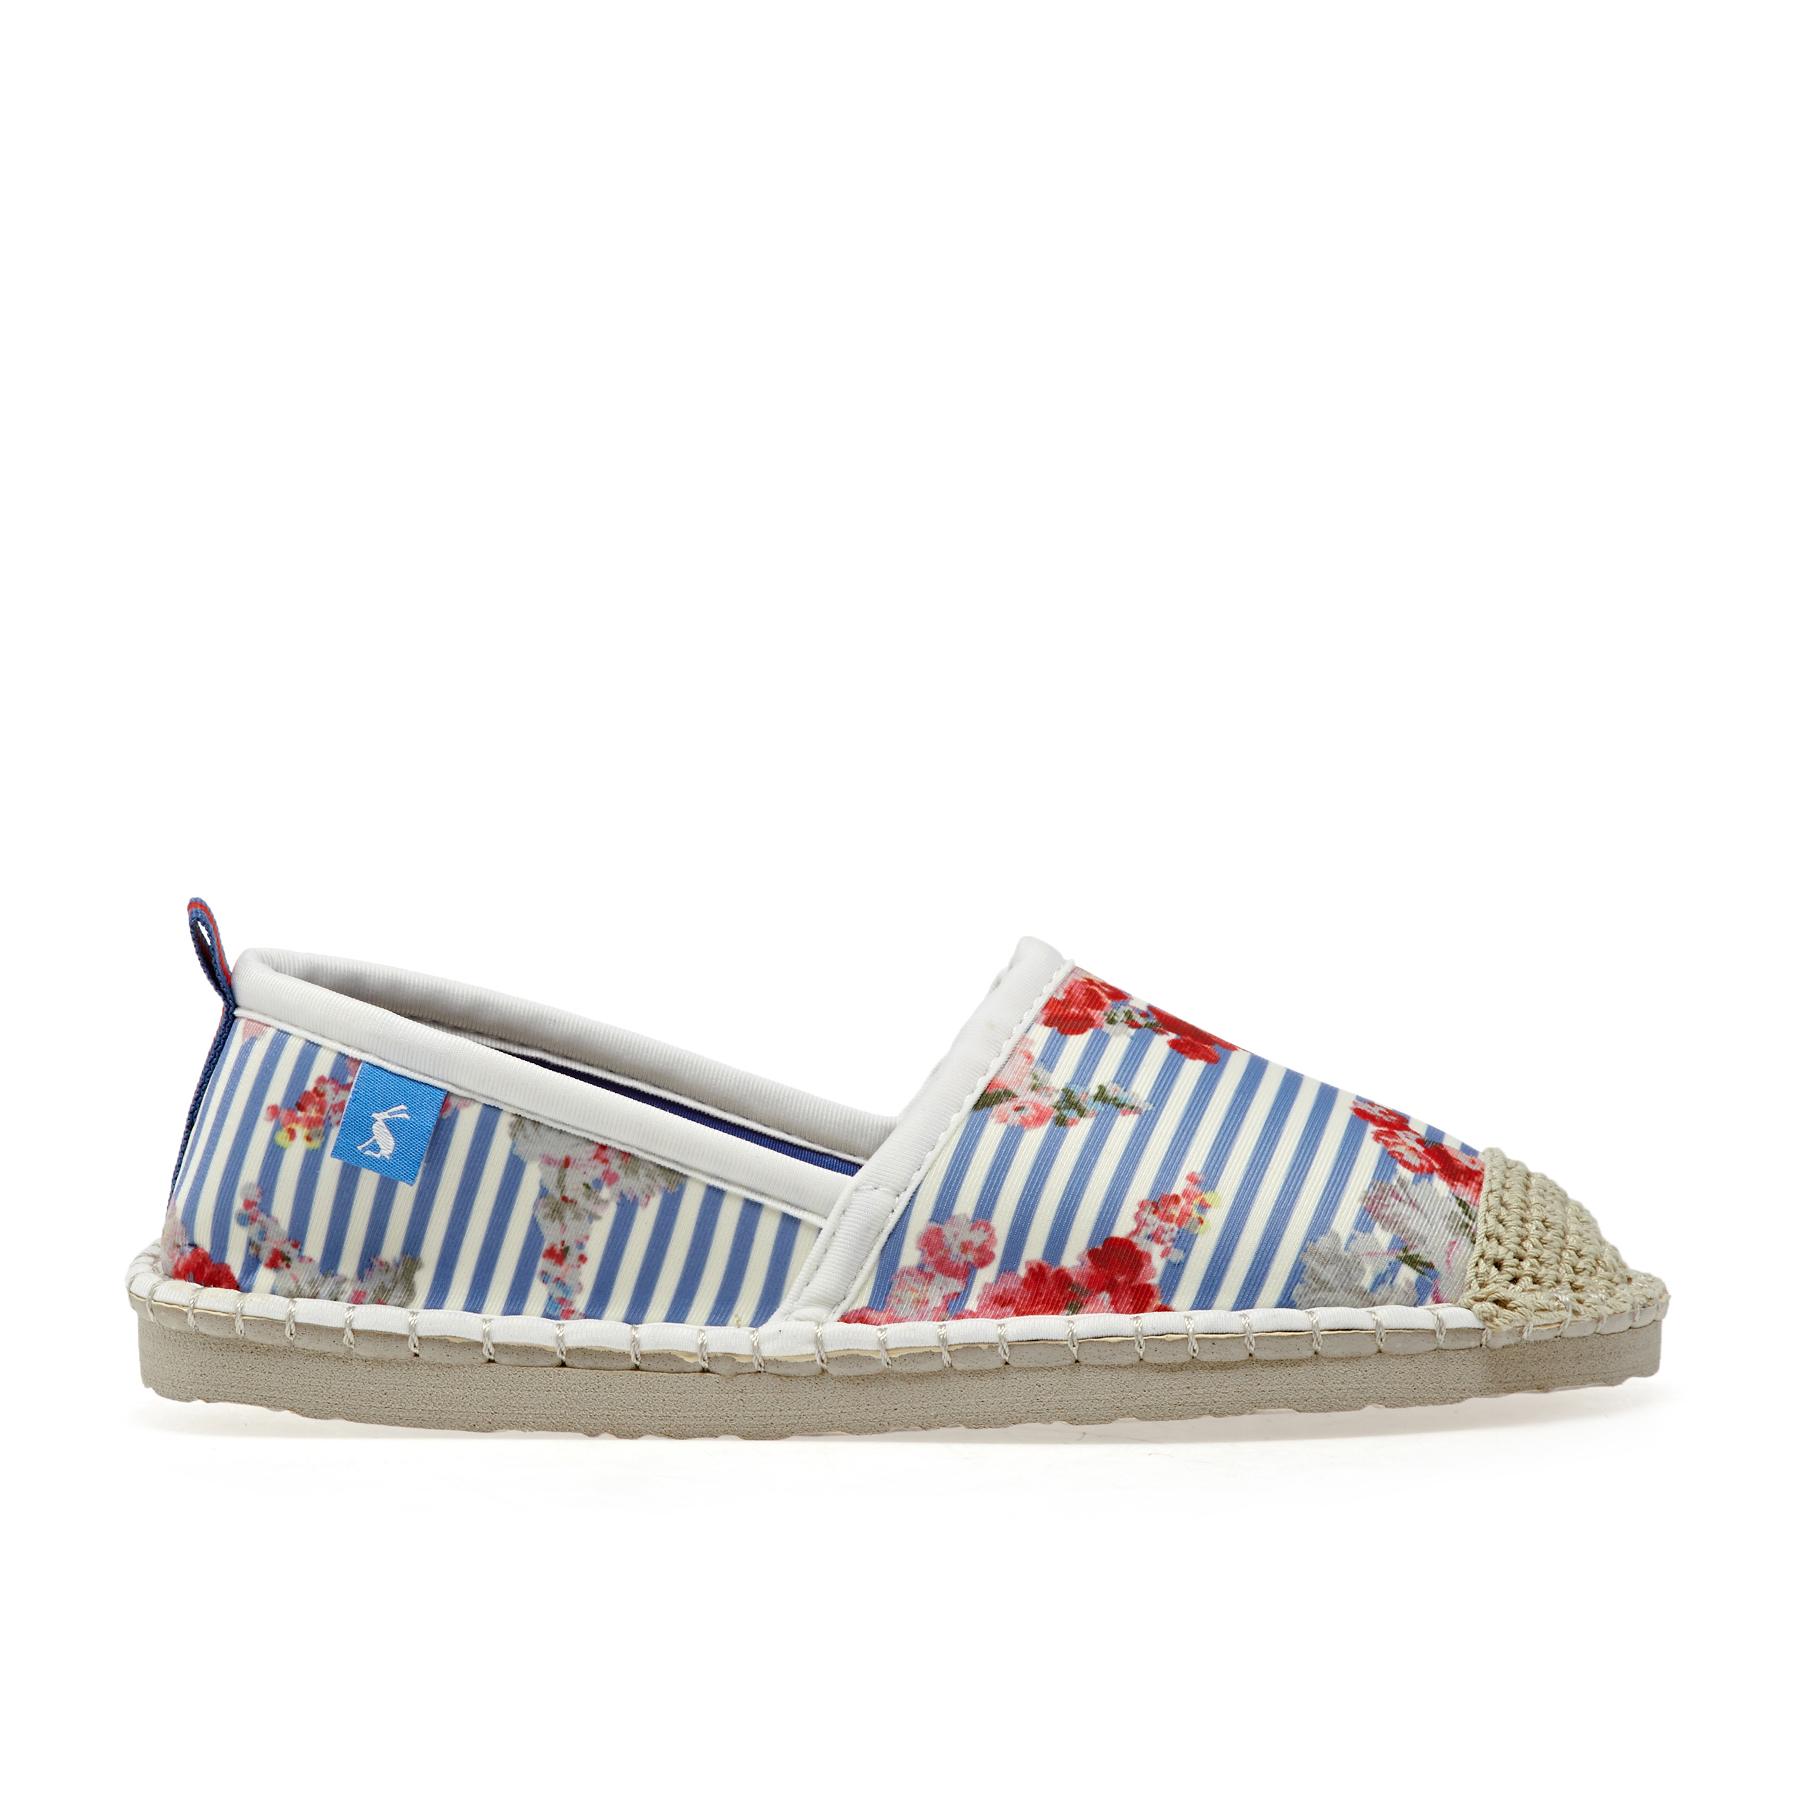 chifans 2 Piezas De Madera Maciza Bota De Zapatos Expansor De Zapatos Soporte De Estirador De Botas Ayuda A Preservar La Forma De Los Zapatos Y Estirar El Ancho De Un Zapato para Hombres Y Mujeres